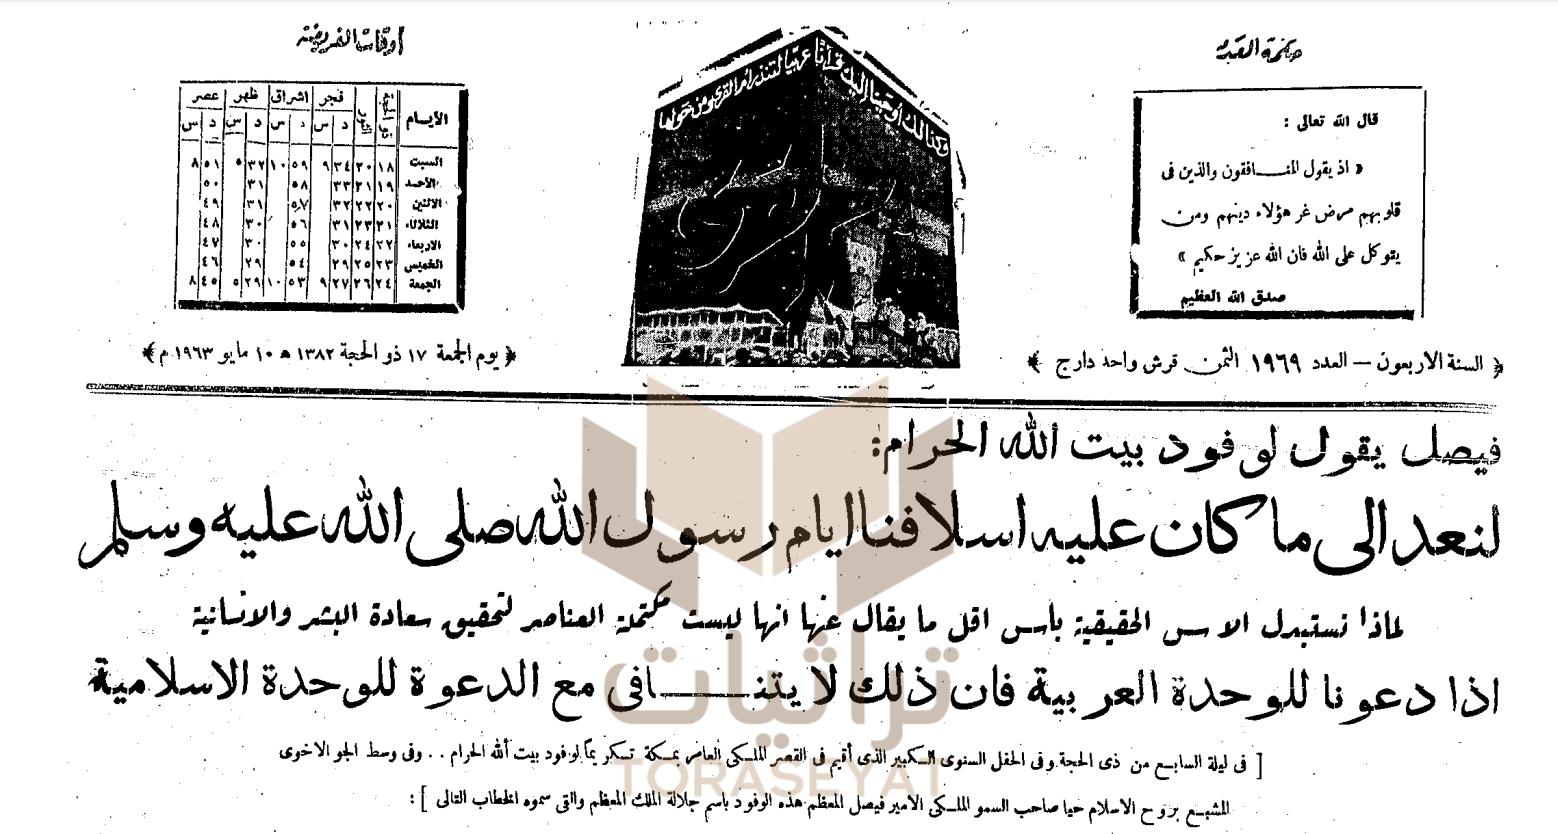 غلاف جريدة أم القرى عدد 7 ذو الحجة 1382 هـ الموافق 10 مايو 1963 م